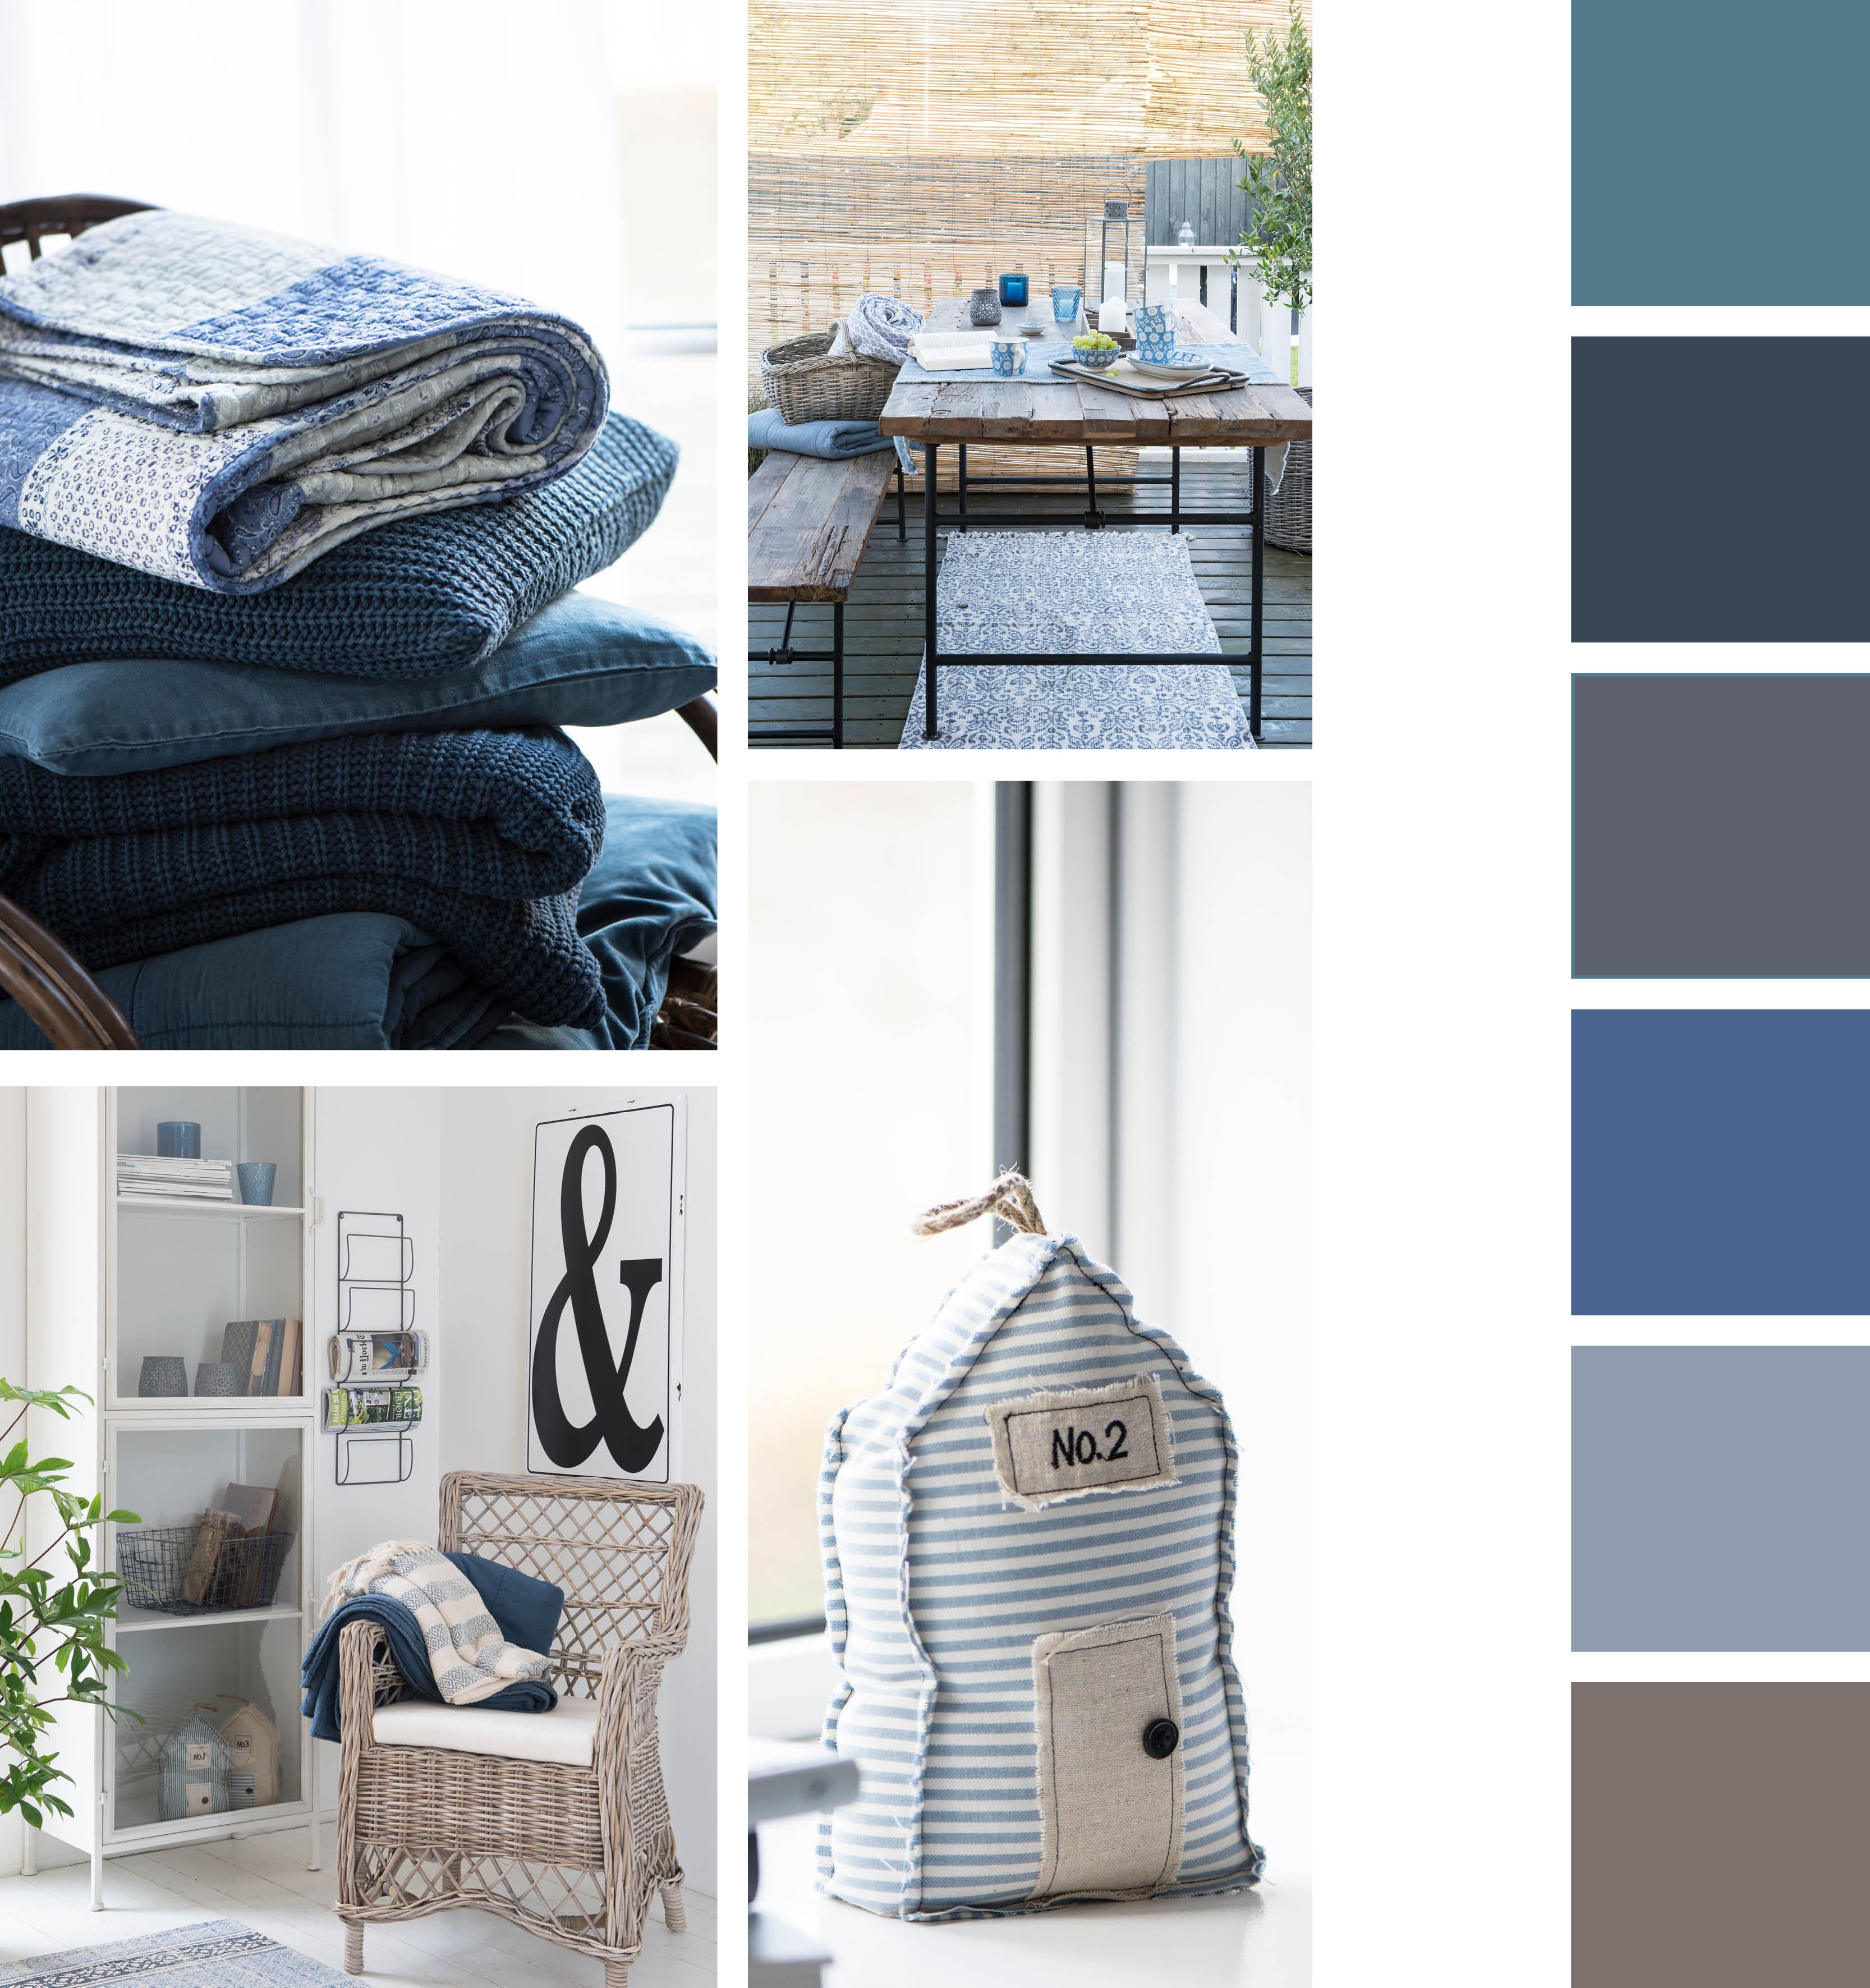 Nordischer Sommer-Chic in deinen vier Wänden: Kombiniere verschiedene Blautöne mit Weiß oder erdigen Tönen. Das zaubert dir die Leichtigkeit des Nordens in dein Zuhause.